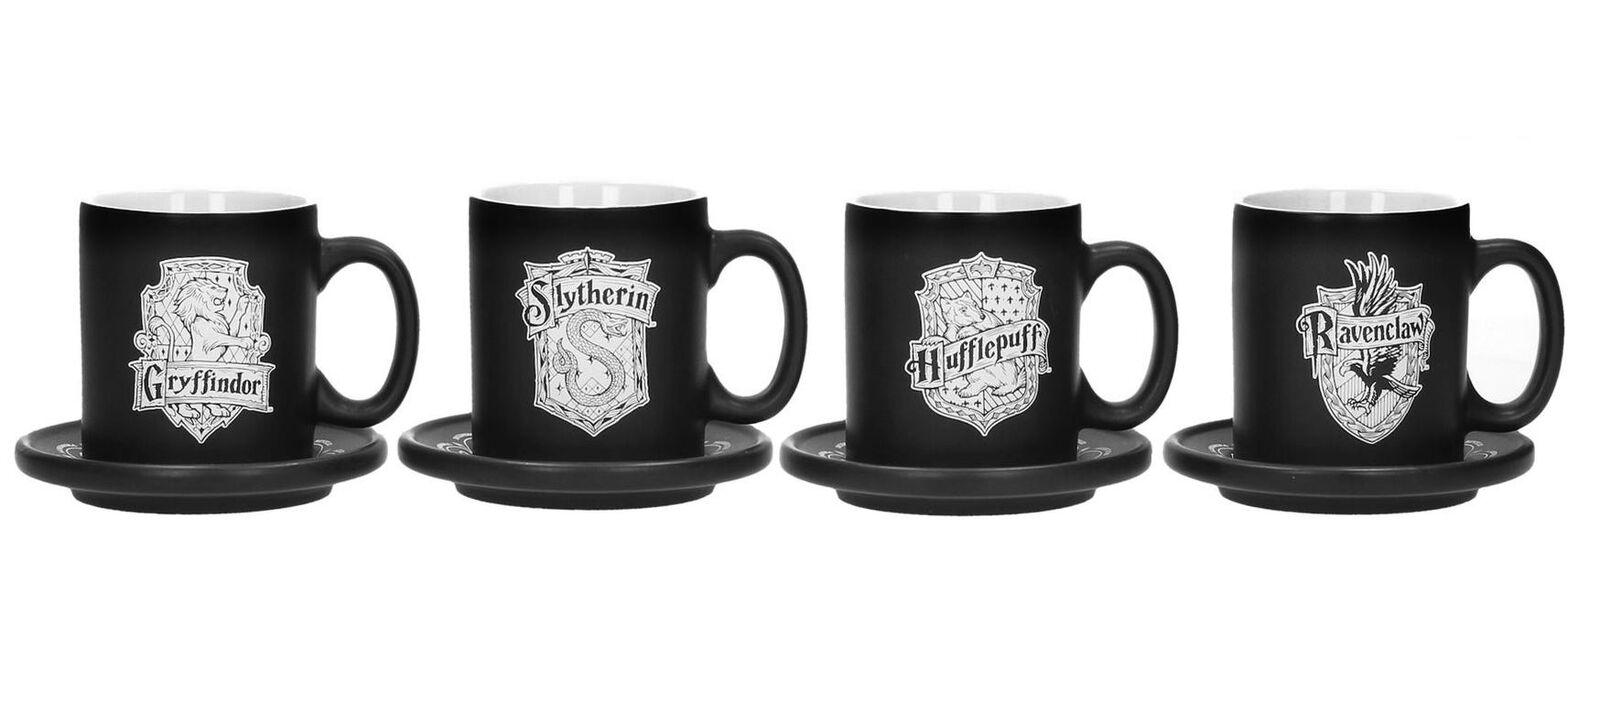 consegna diretta e rapida in fabbrica Harry Potter ESPRESSO TAZZE CON SOTTO SOTTO SOTTO TAZZE 4er Set HOGWARTS CASE STEMMA OVP  vendite dirette della fabbrica